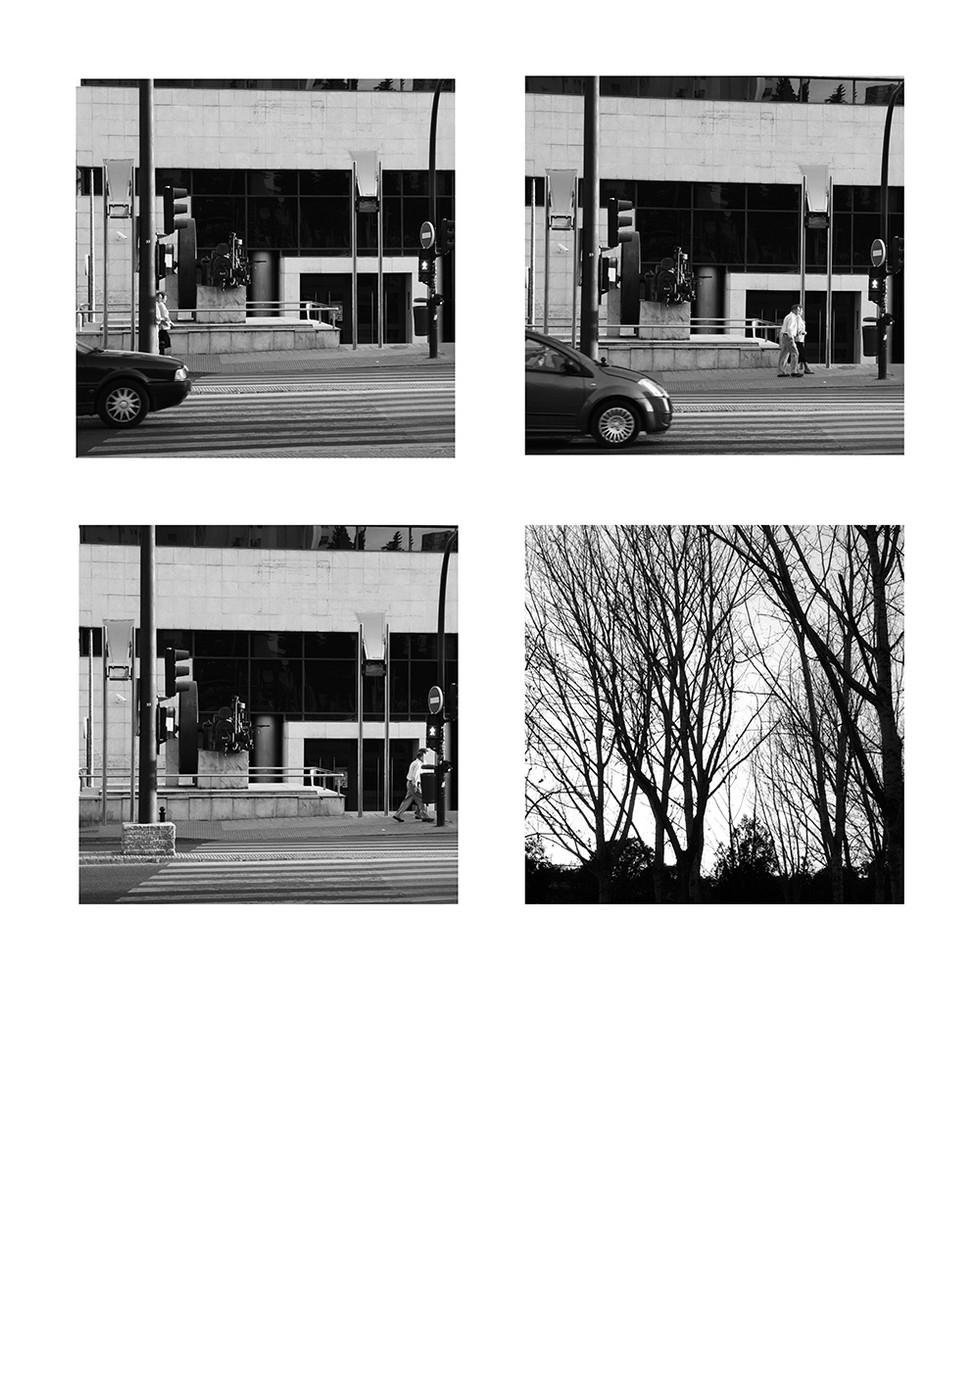 02_b.jpg